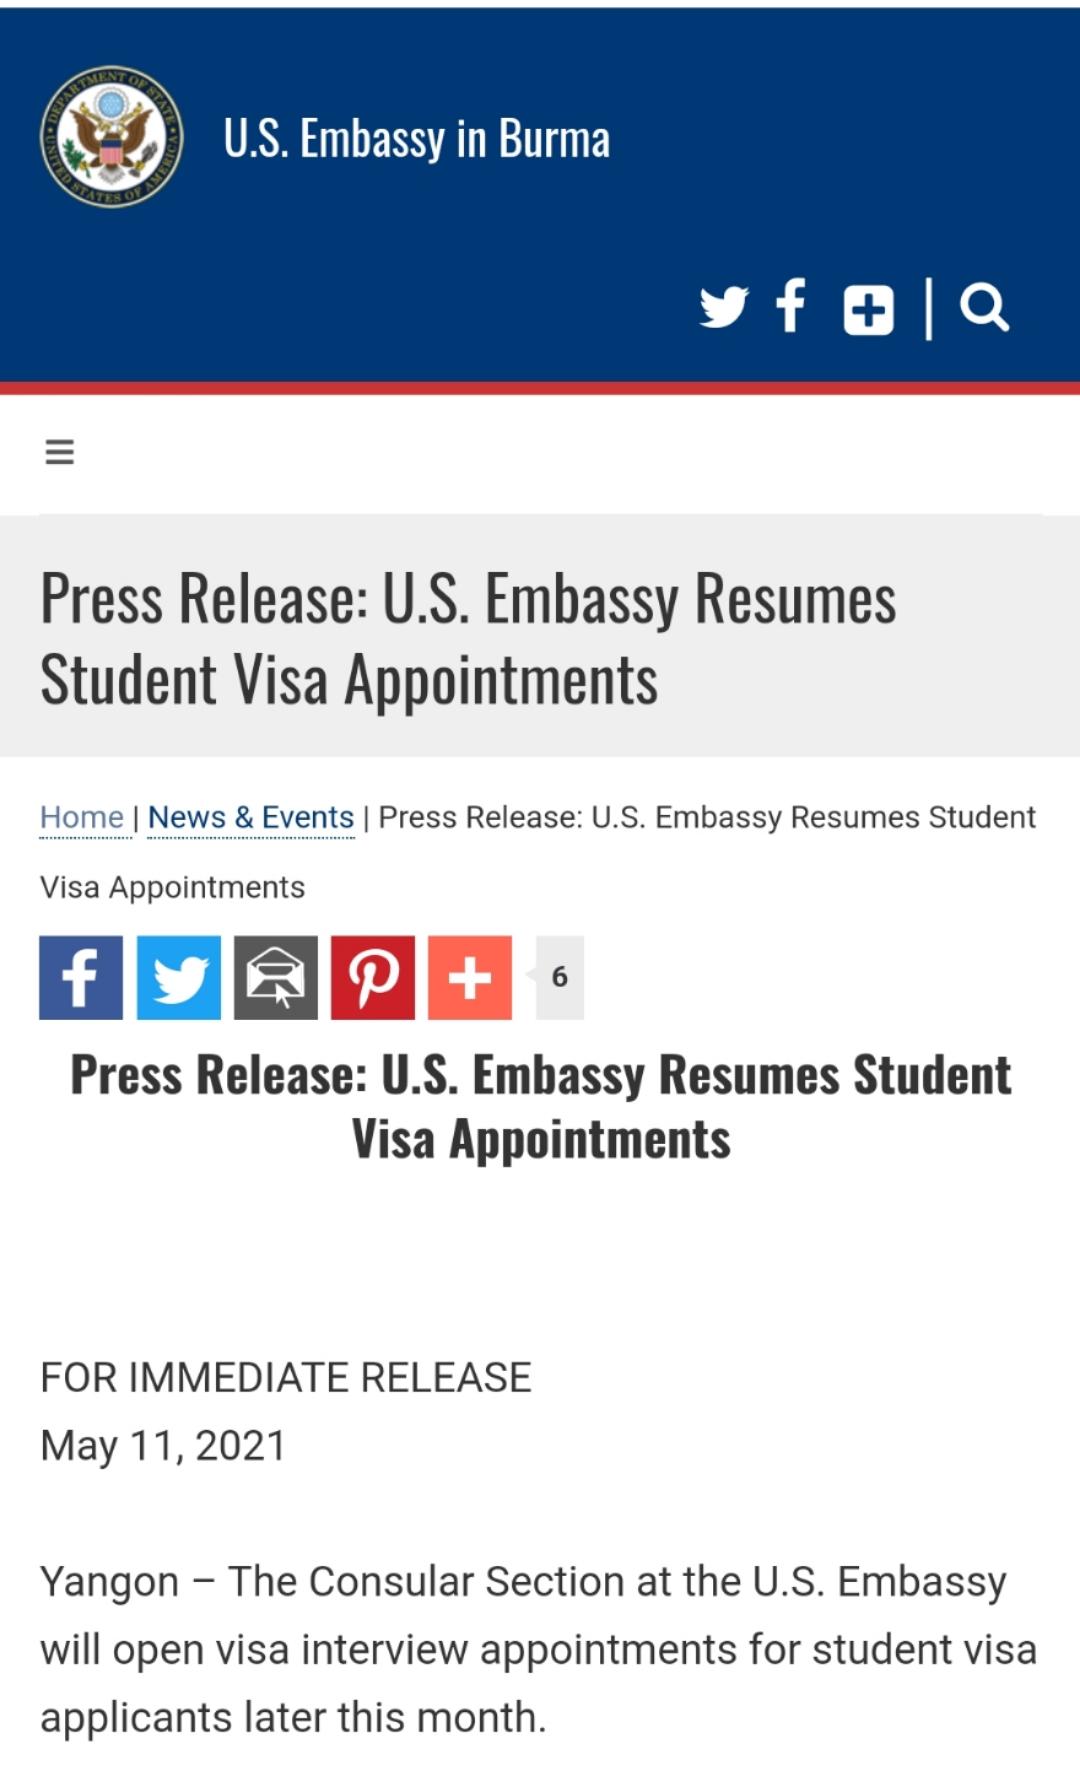 美国驻缅甸使馆重启留学签证申请